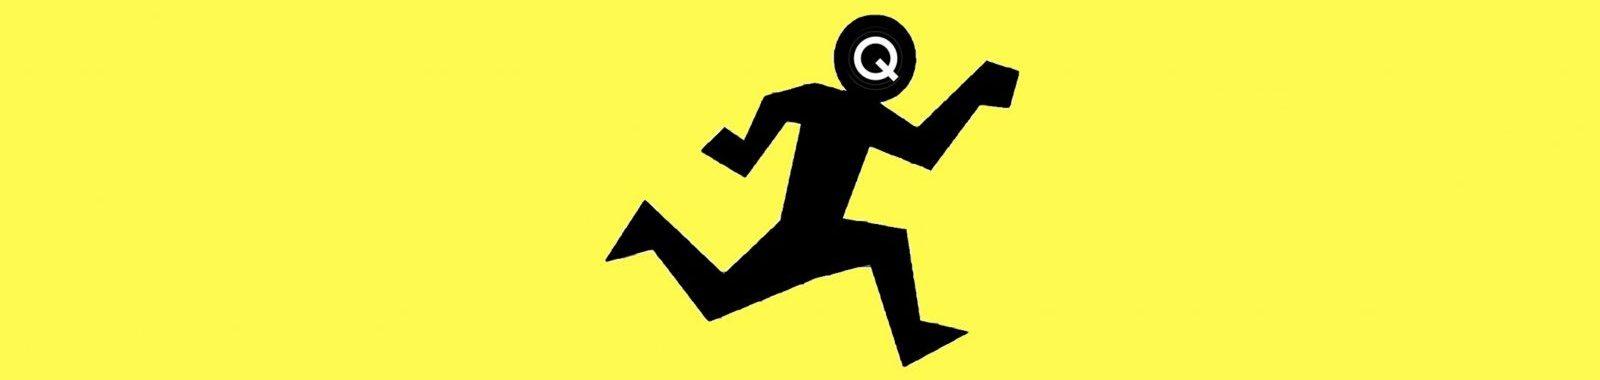 quartz-sprinter-1600-440